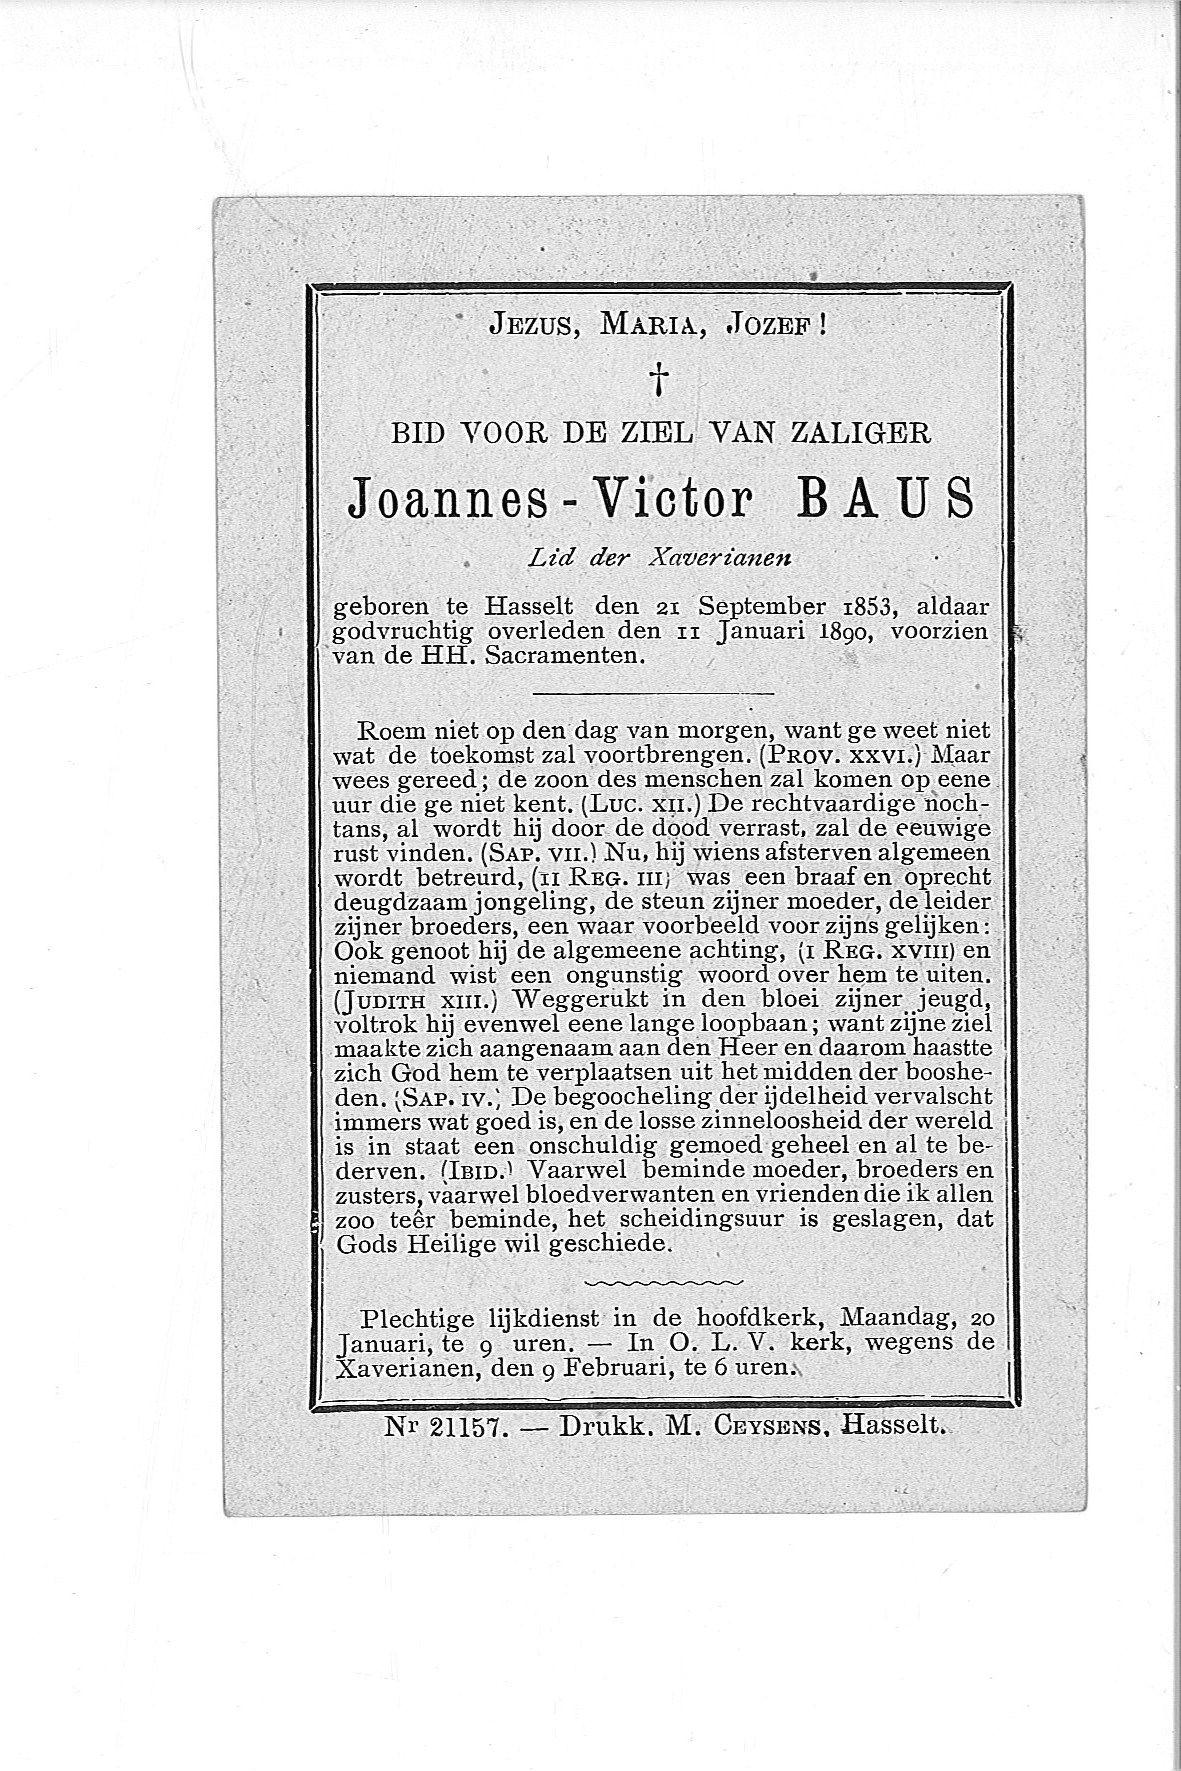 joannes-victor(1891)20090709113558_00031.jpg